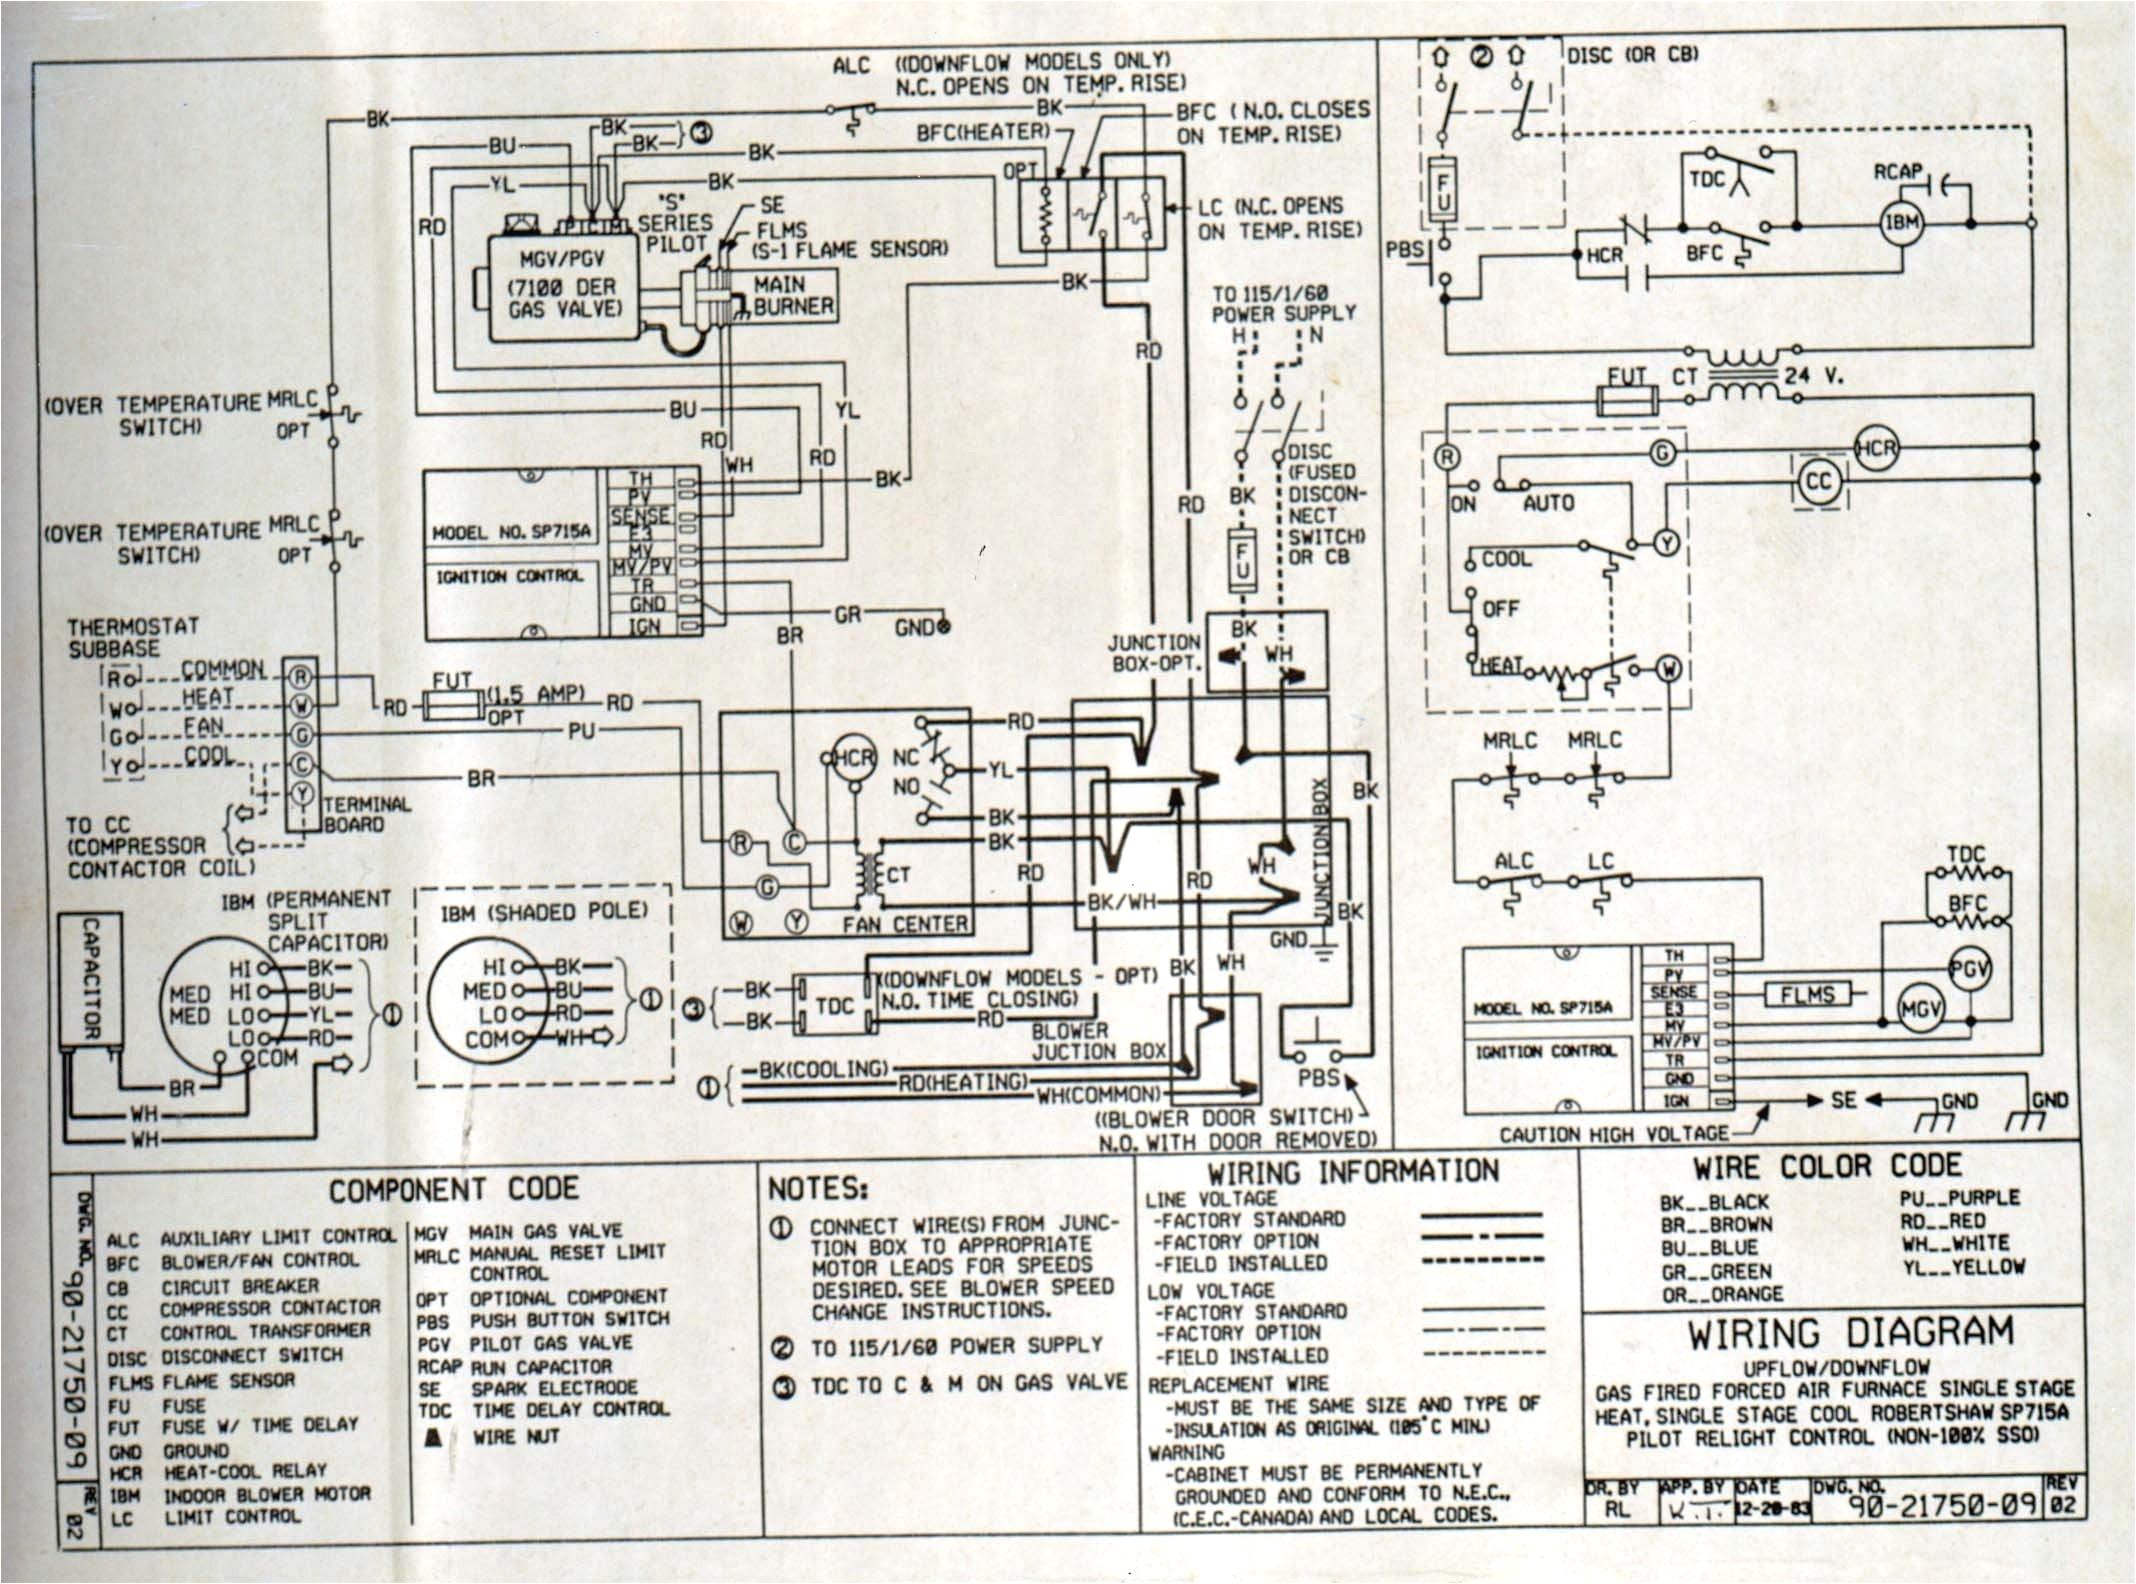 circuit goodman diagram board wiring gpg1336090m41aa wiring circuit goodman diagram board wiring gpg1336090m41aa